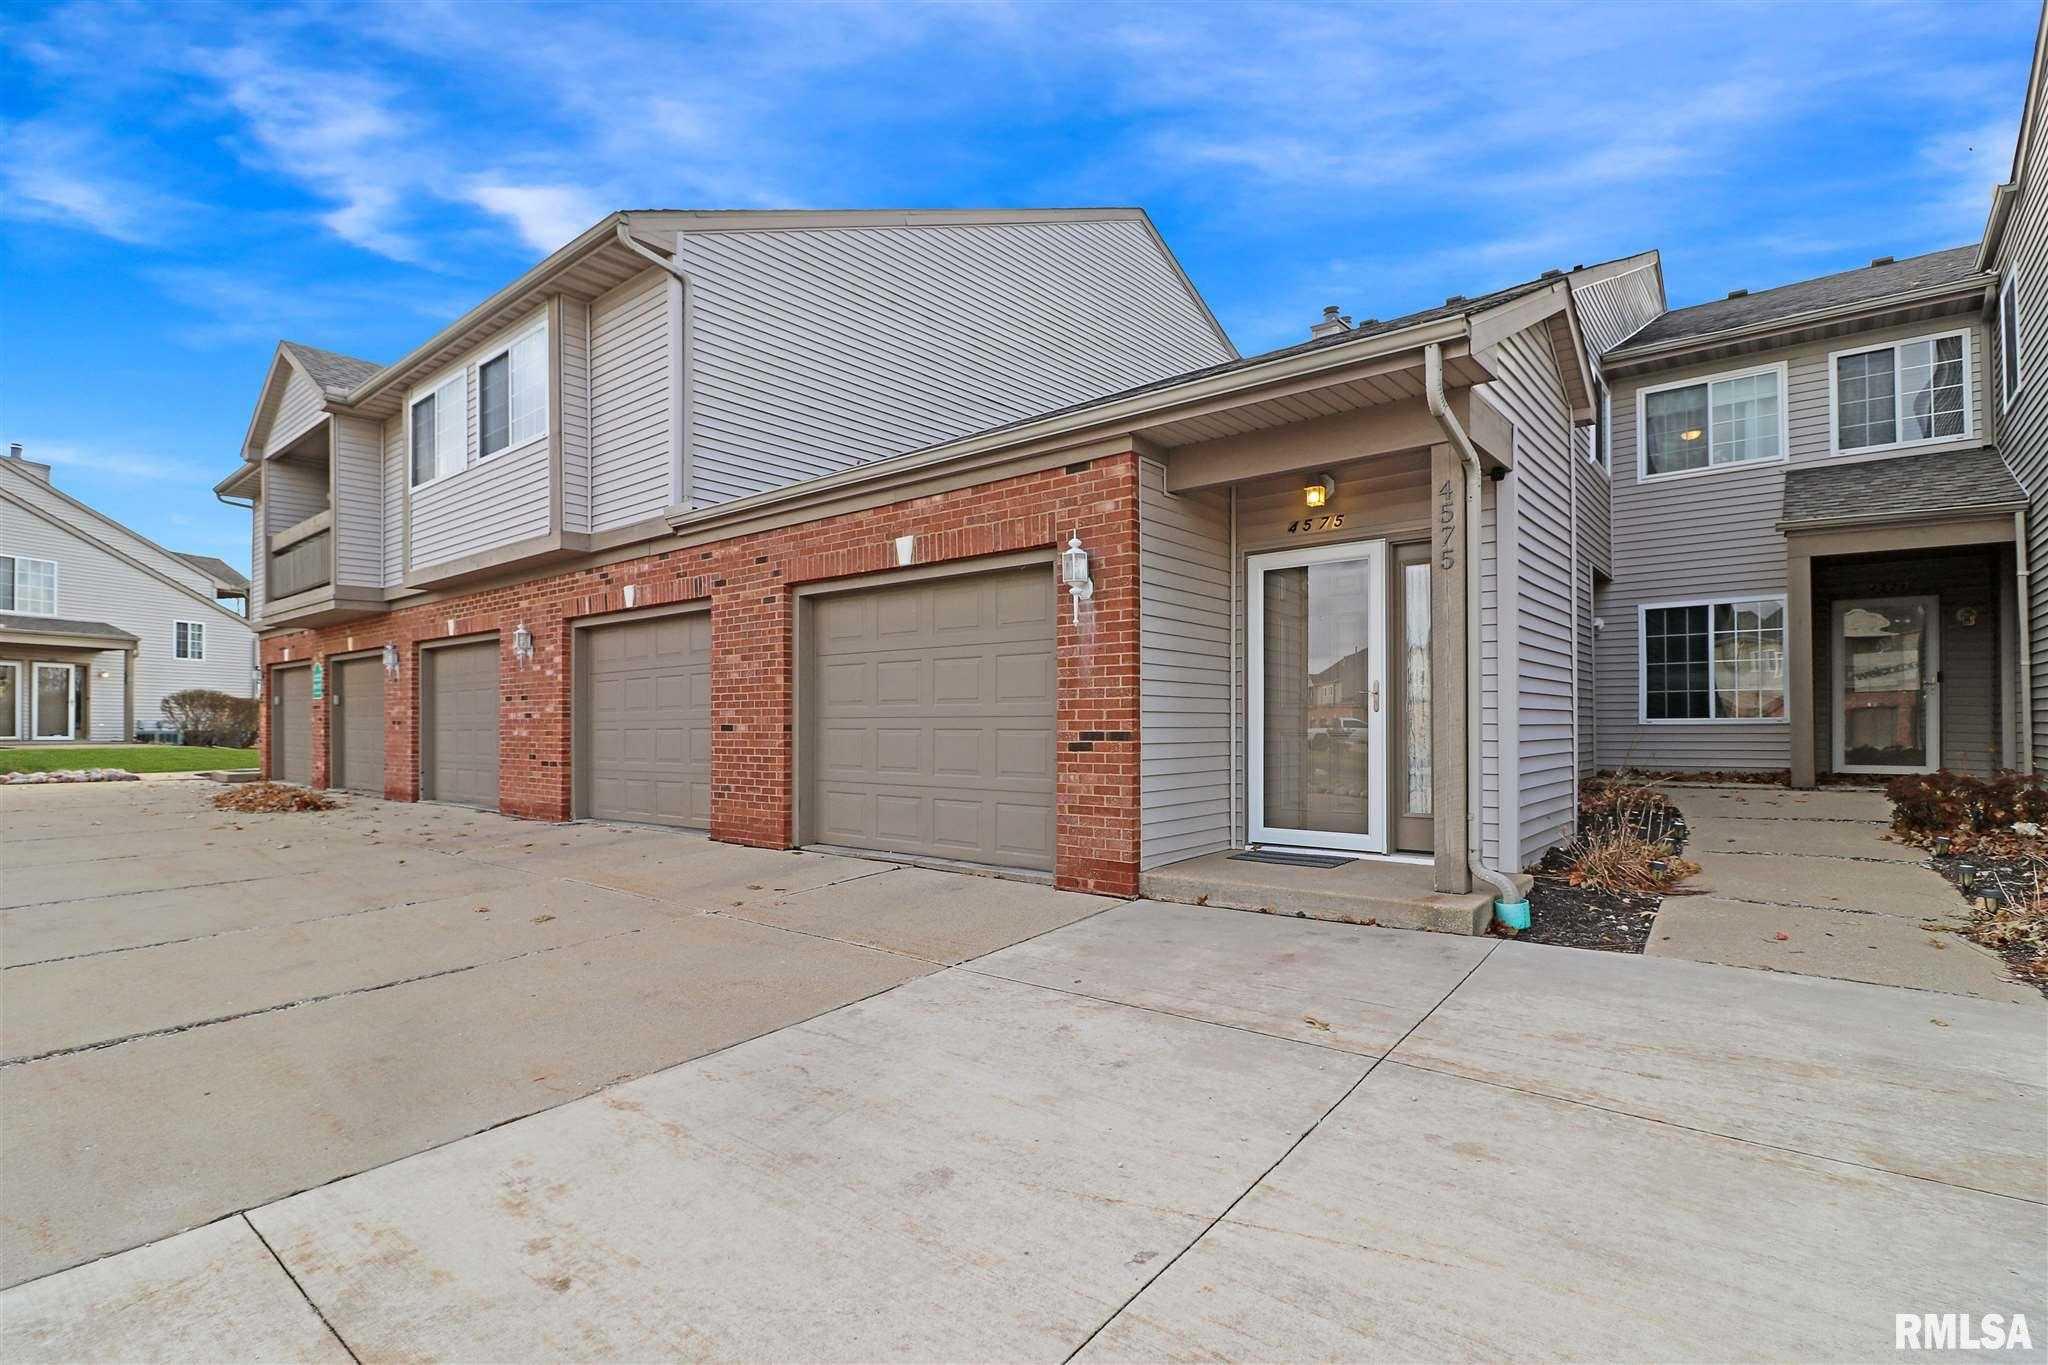 $139,500 - 2Br/2Ba -  for Sale in Weaverridge, Peoria